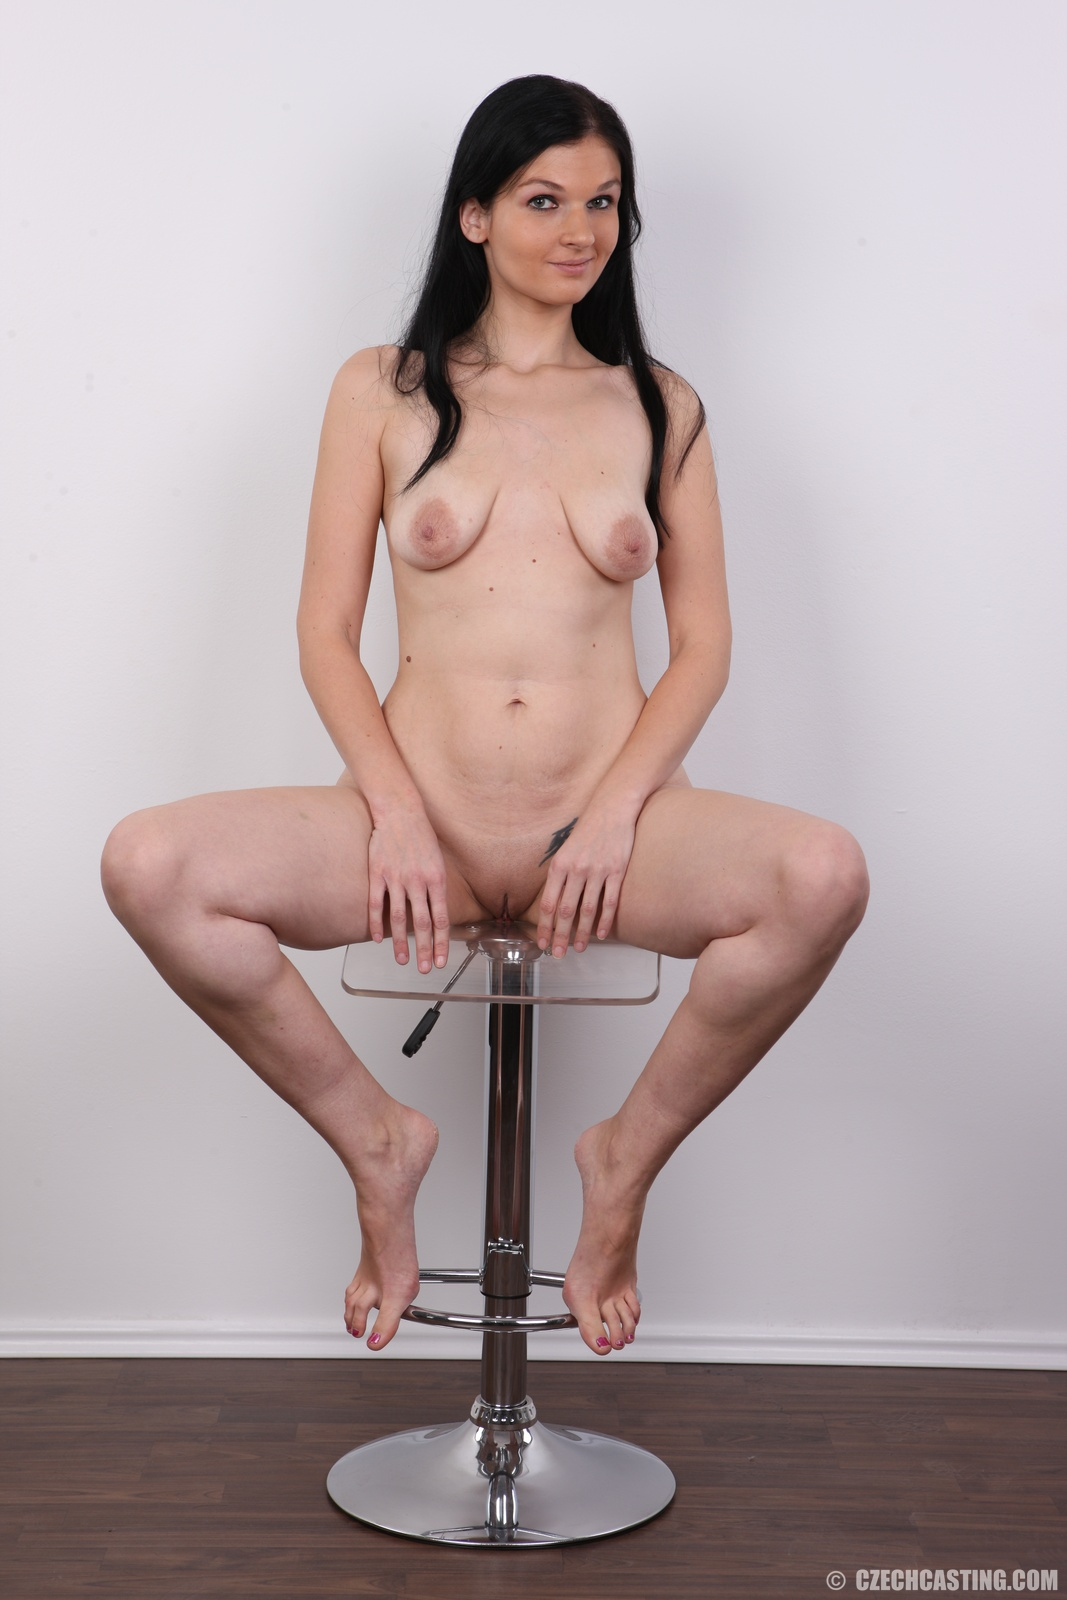 медленно порно кастинг с большой висячей грудью взглядом гэдээровским погранцом